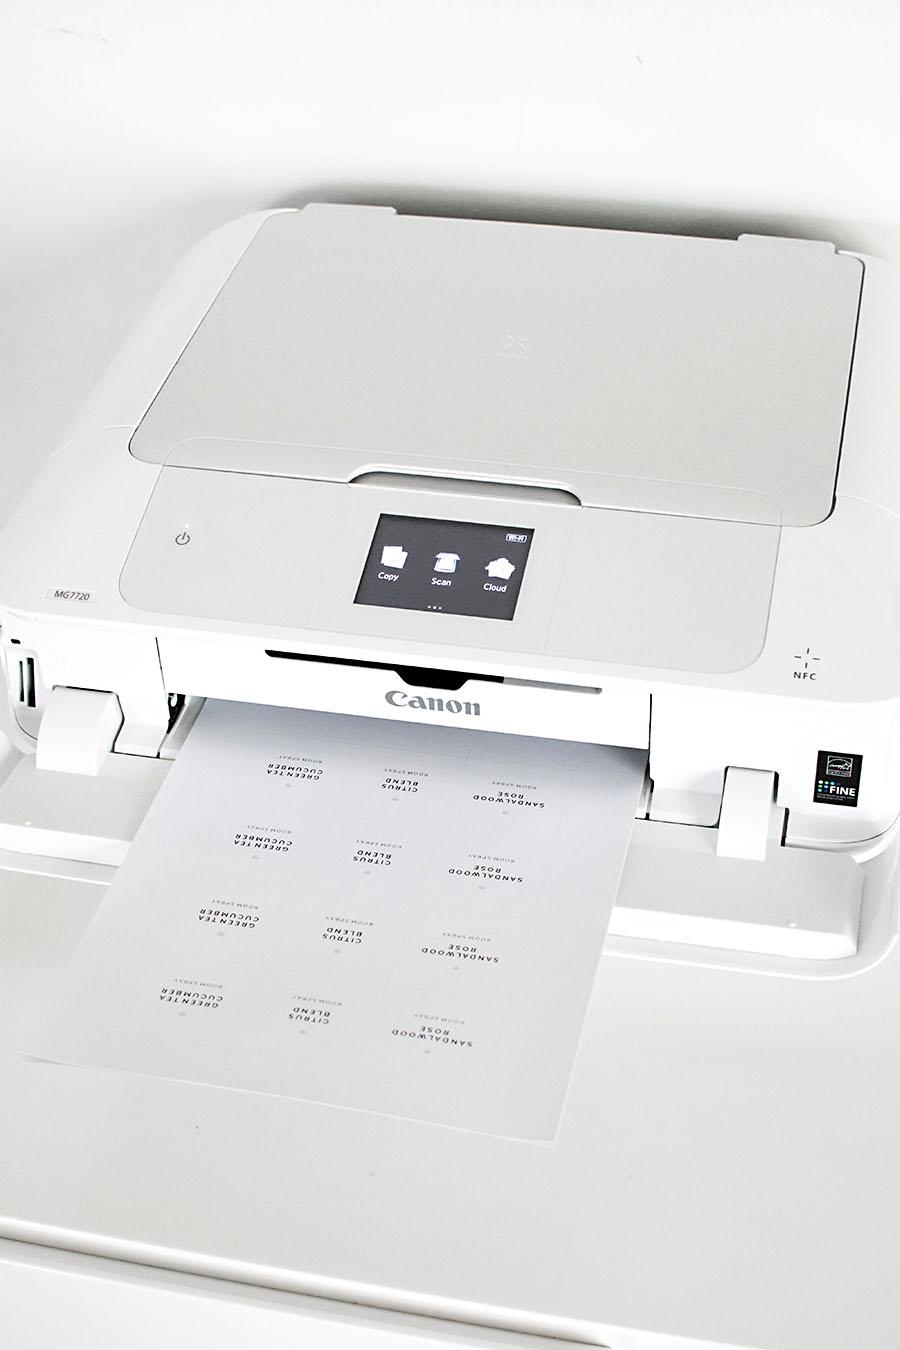 Canon MG7720 Printer